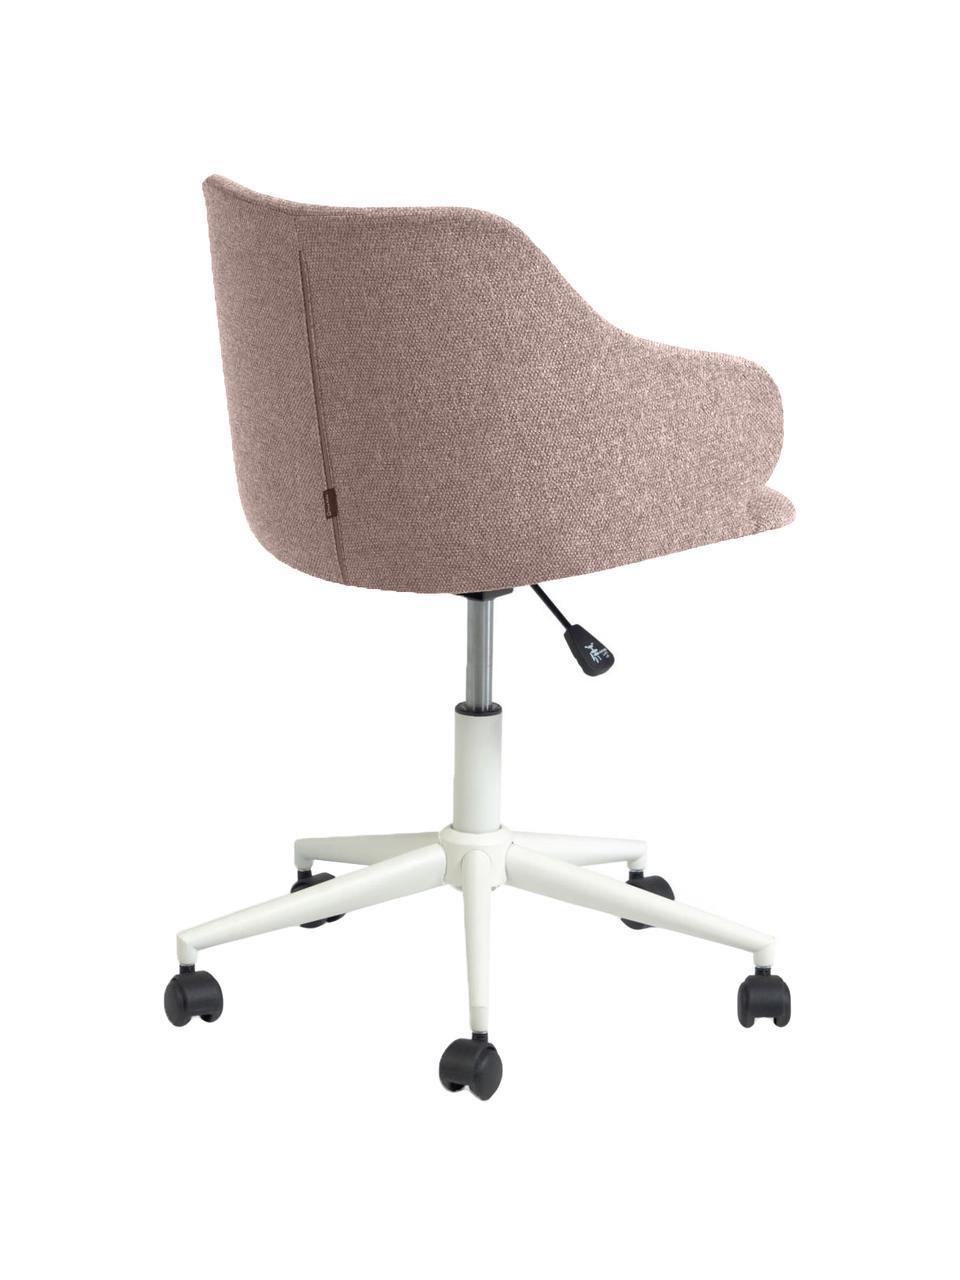 Sedia da ufficio girevole Einara, Rivestimento: poliestere, Struttura: acciaio rivestito, Ruote: polipropilene, Rosa, Larg. 64 x Alt. 64 cm